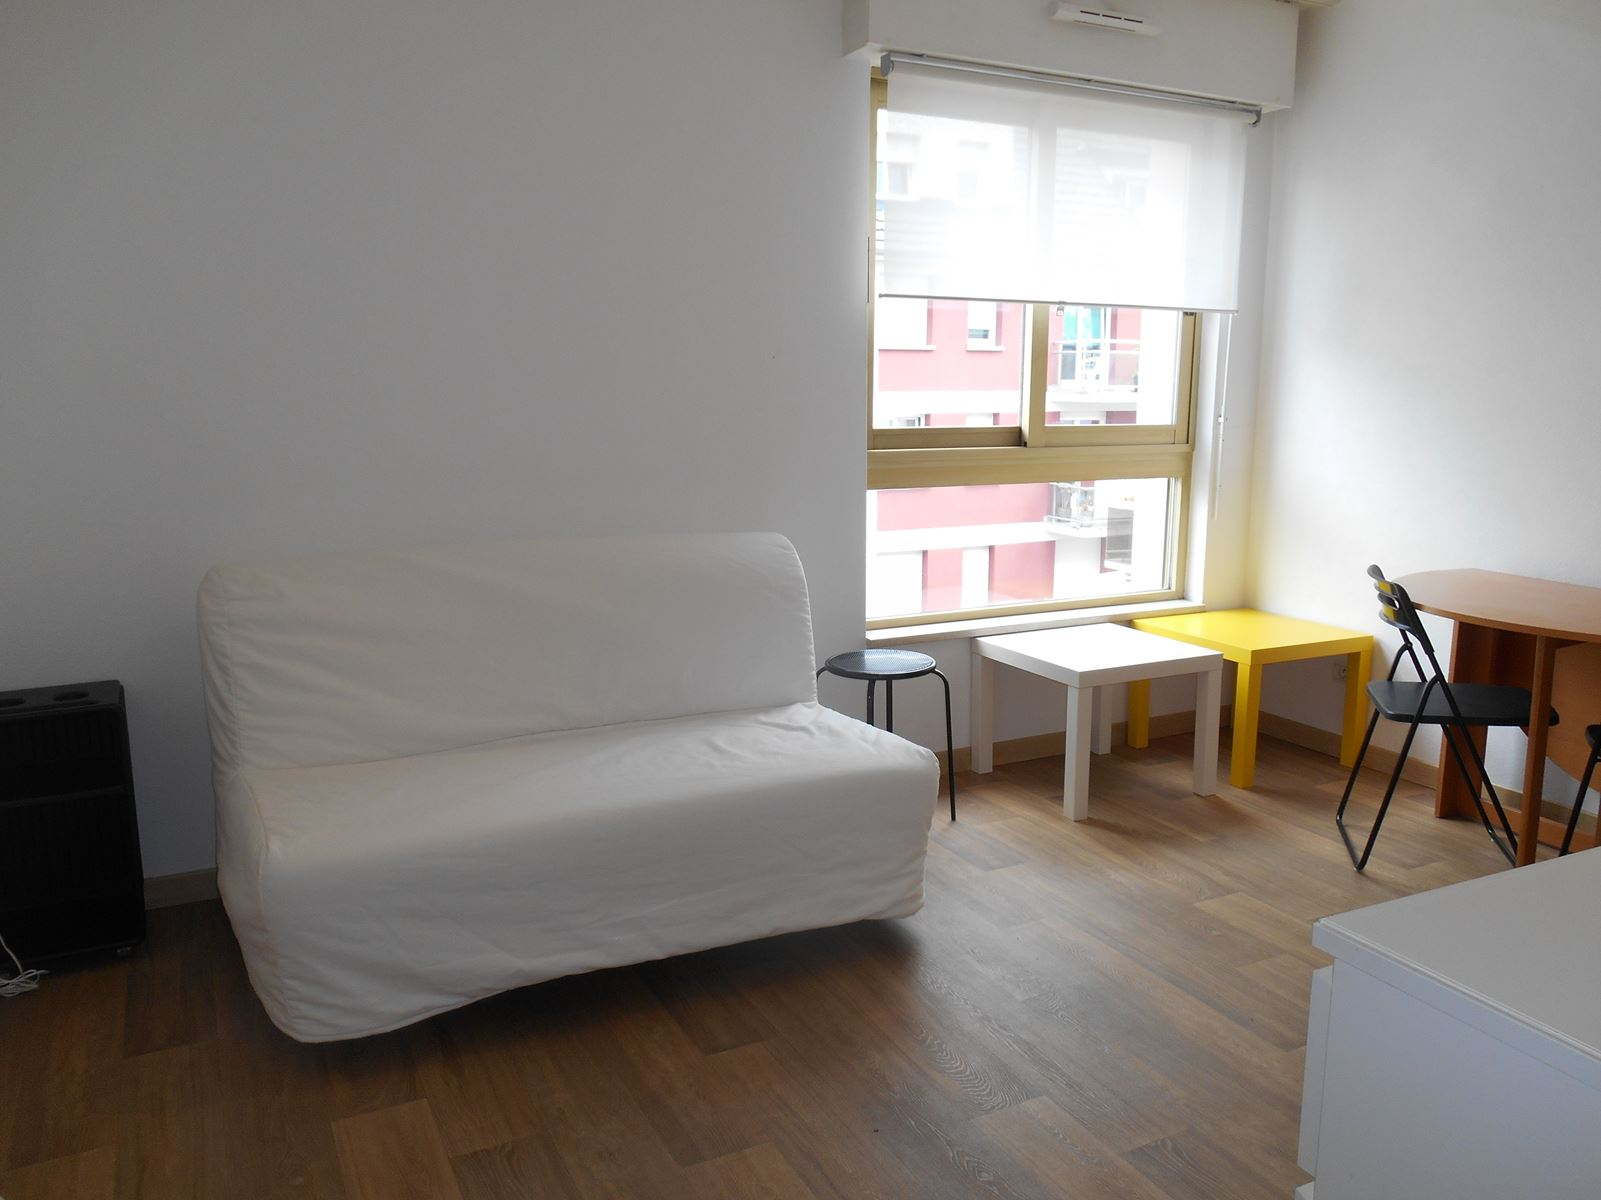 Lumineux studio meublé – Neudorf / rue de Wesserling - nos locations - Beausite Immobilier 1